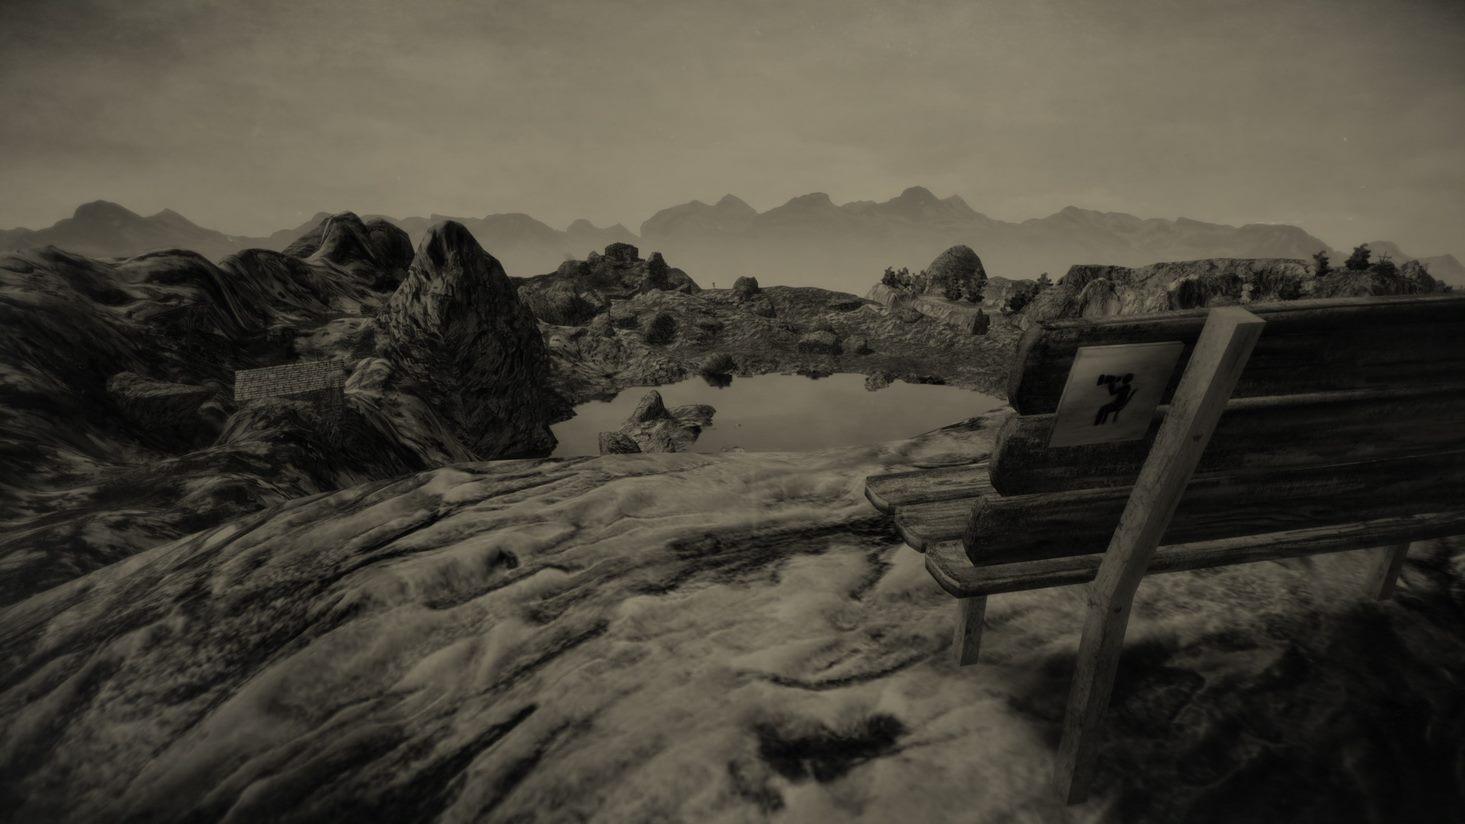 Ein Screenshot aus Mundaun. Zu sehen ist ein Alpenpanorama und eine Sitzbank